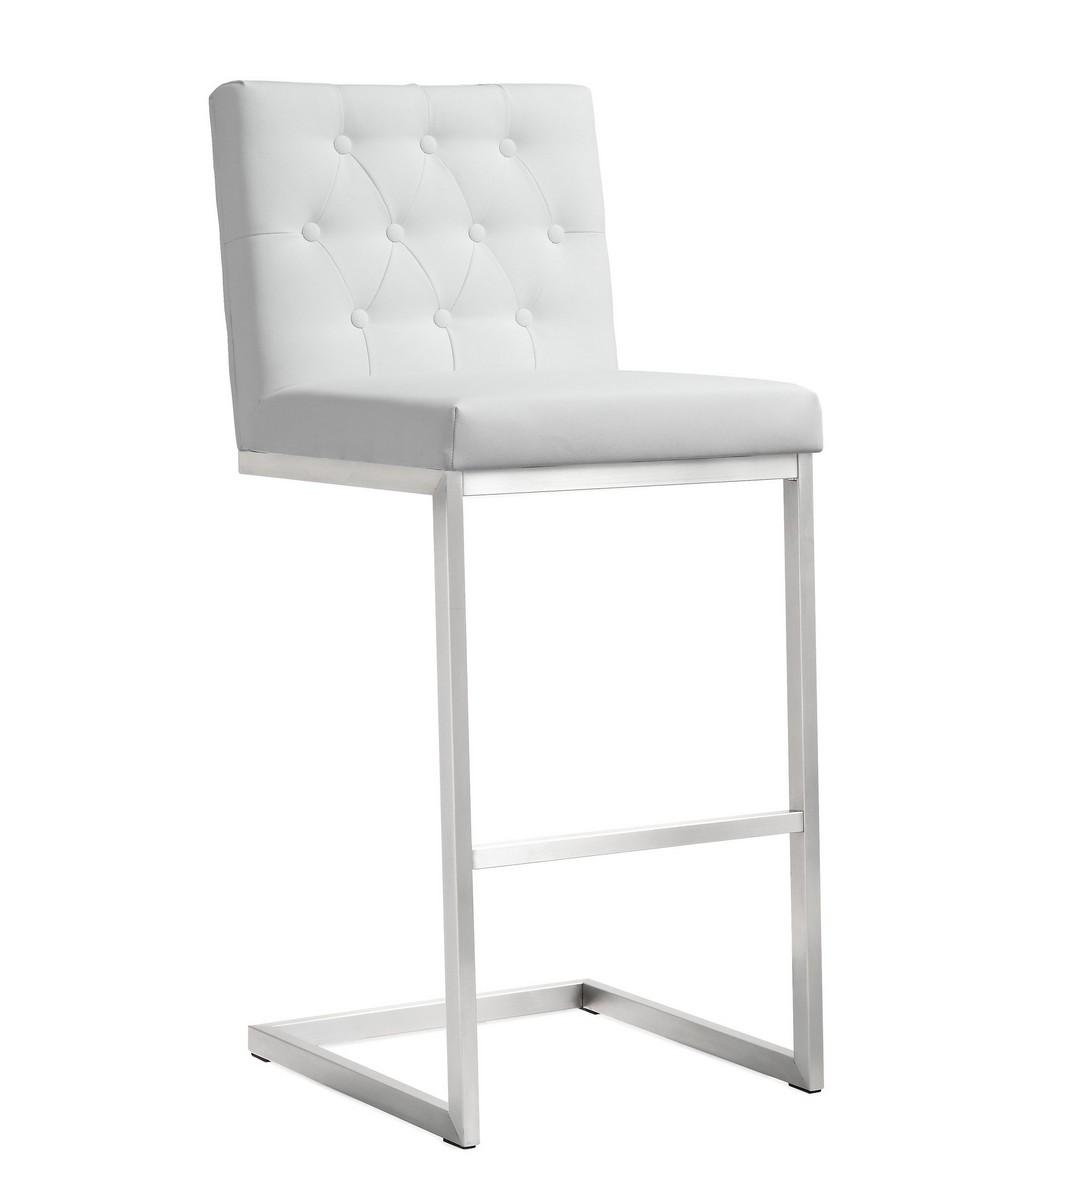 TOV Furniture Helsinki White Stainless Steel Barstool (Set of 2)